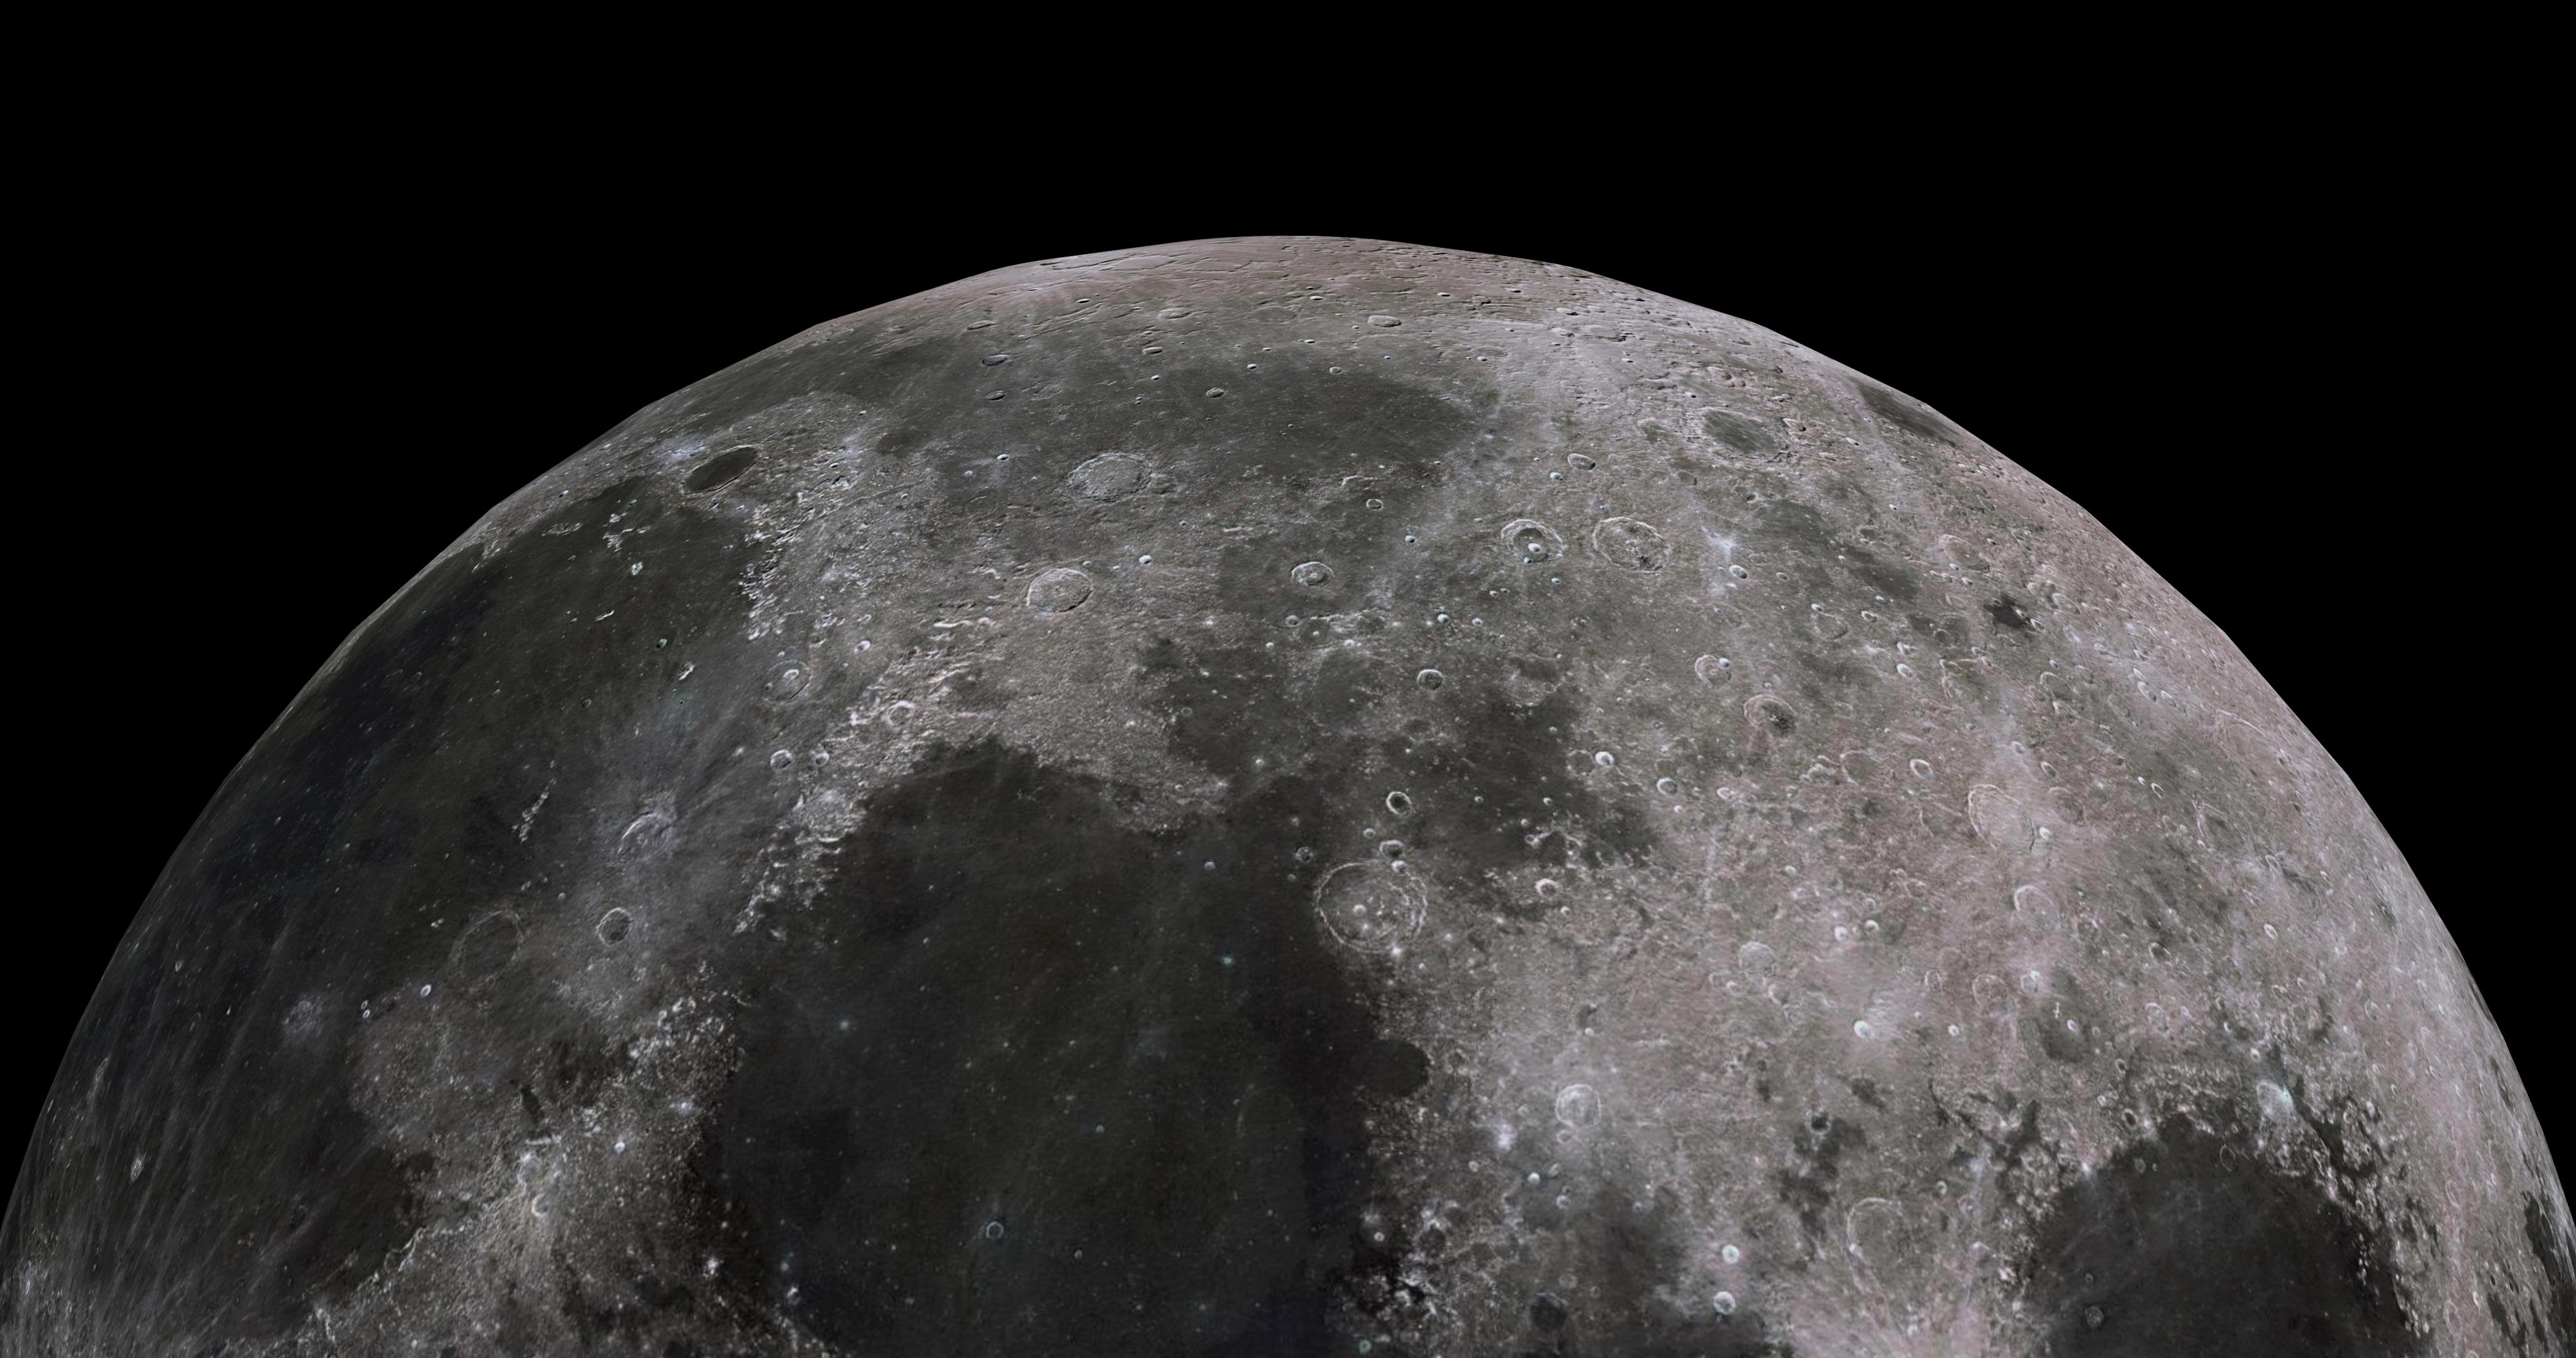 moon 8k 3d model 3ds fbx blend dae obj 210900